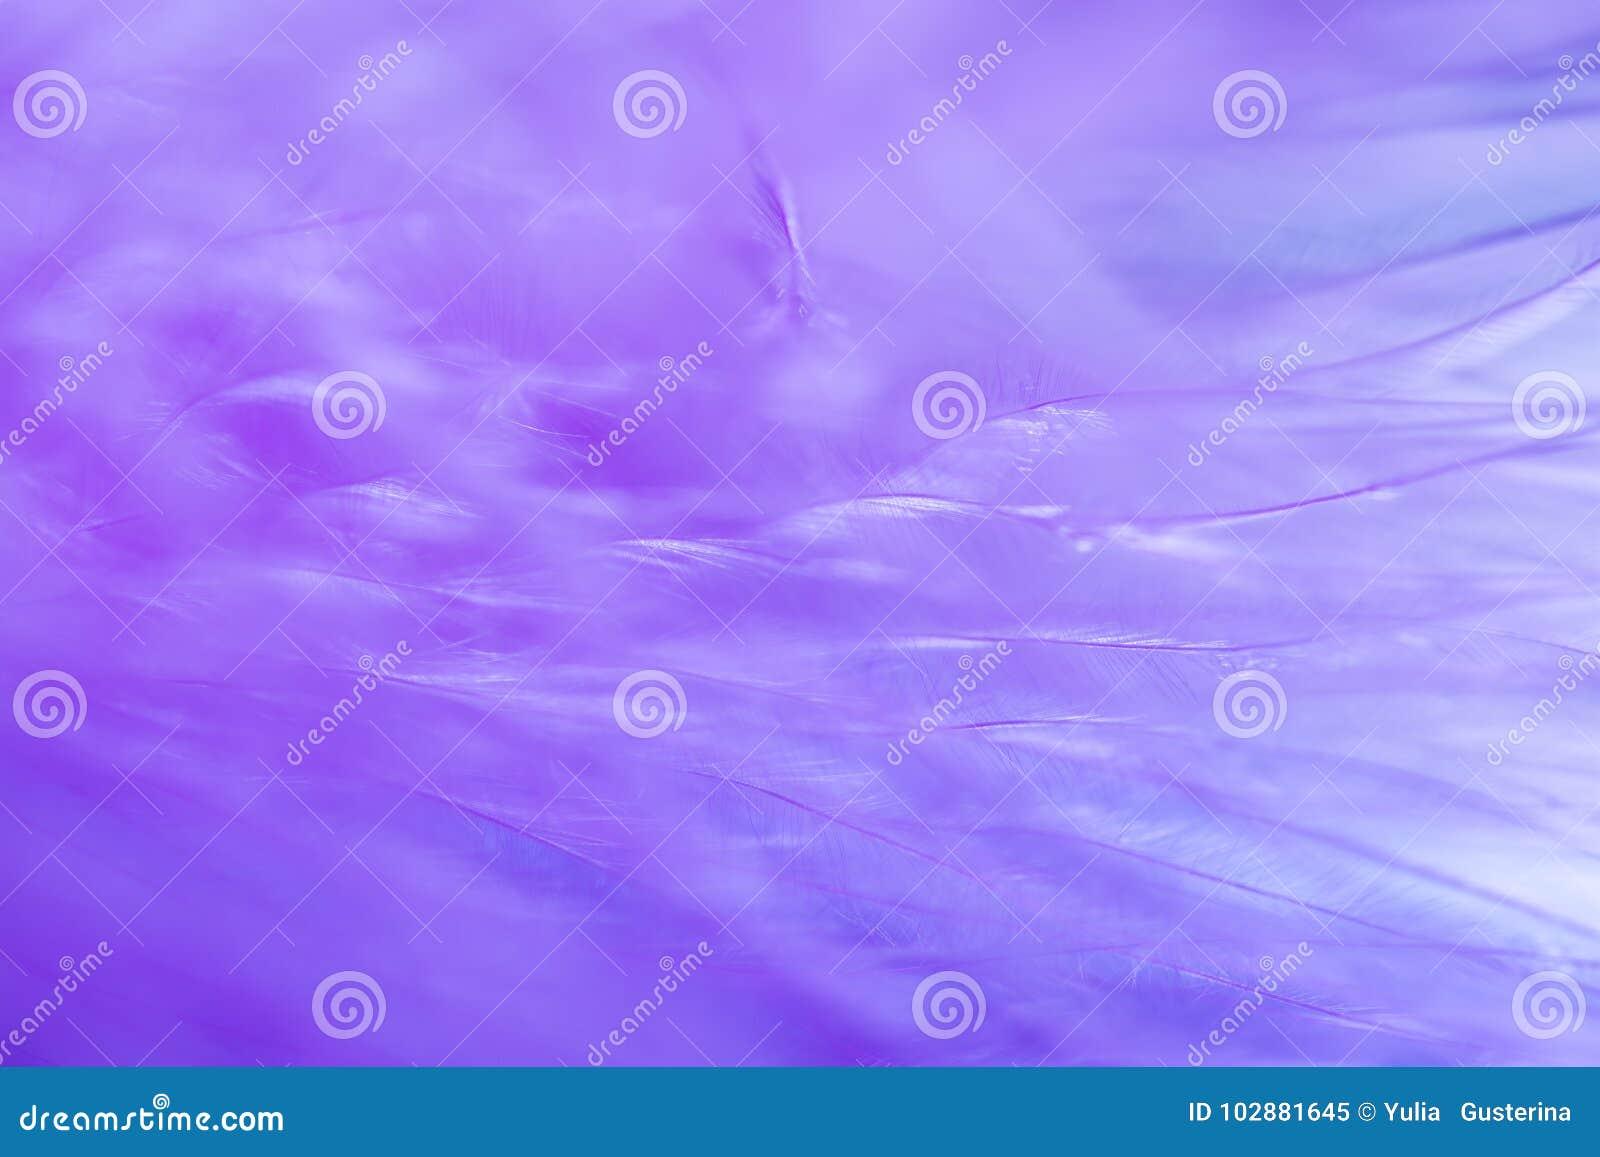 Bakgrund för abstrakt begrepp för textur för fjäder för lilafärgtrender